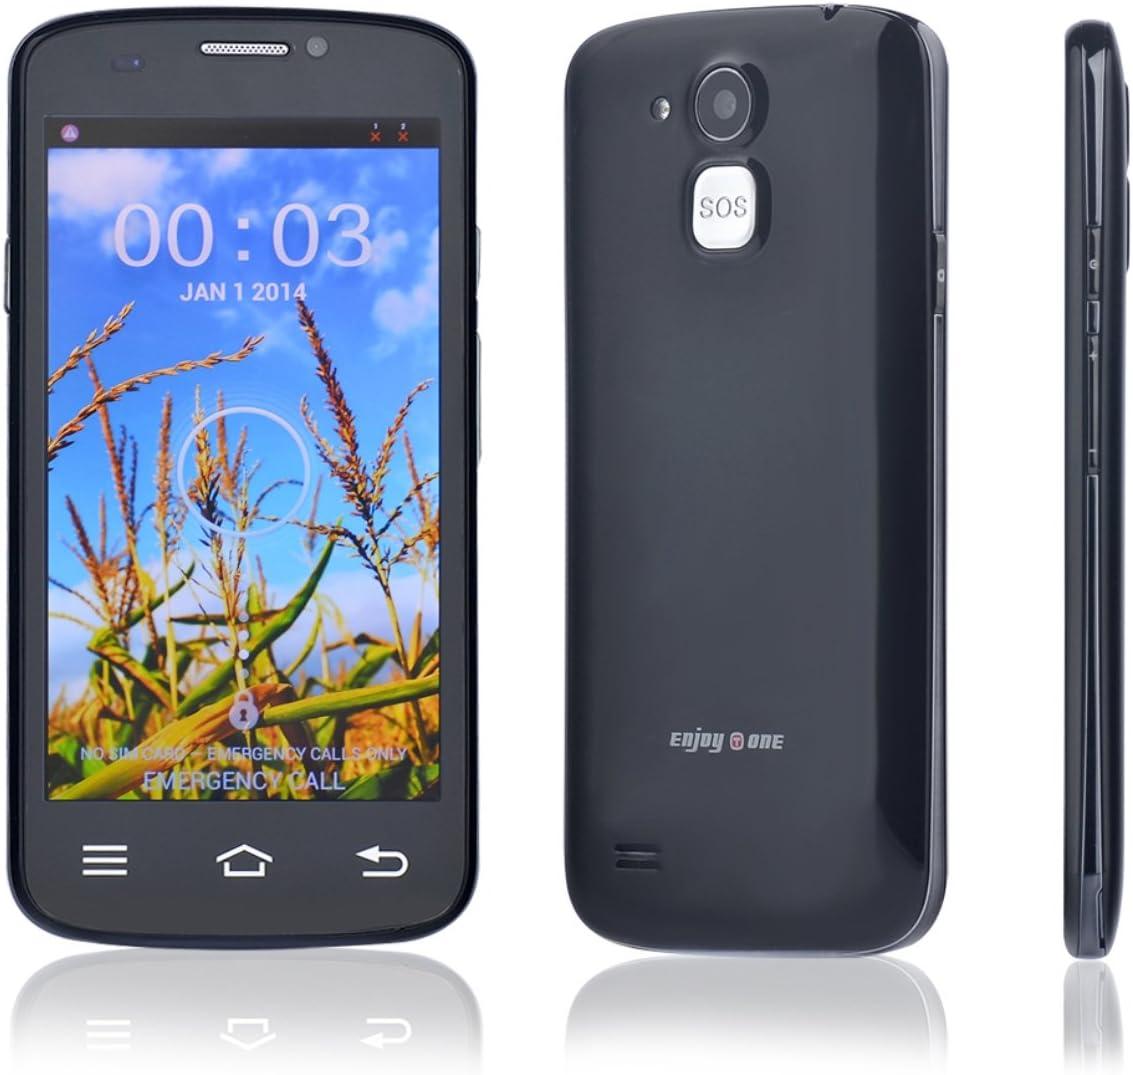 Enjoytone® W80 MTK6572 1.2GHz Dual Core 4.5